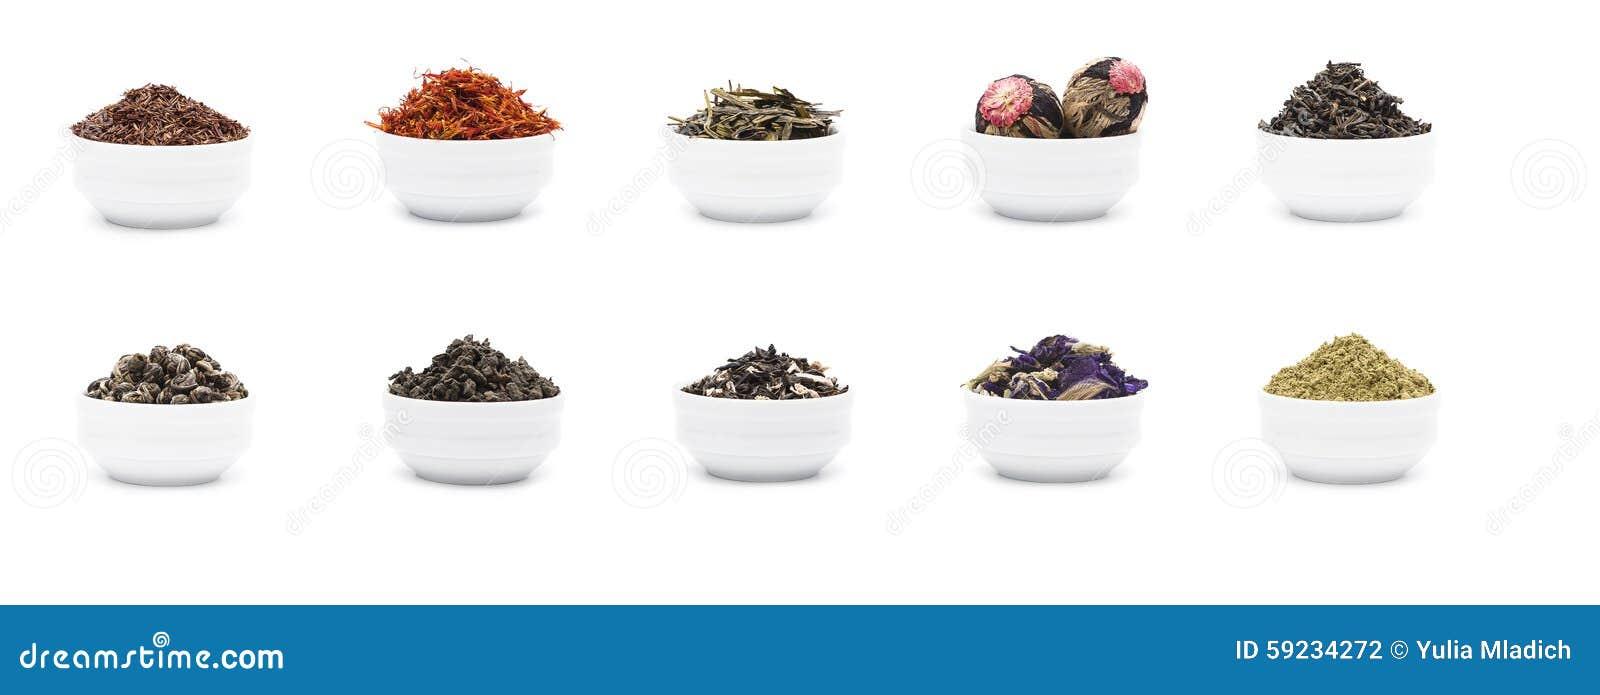 O grupo de folhas de chá secas na porcelana branca rola